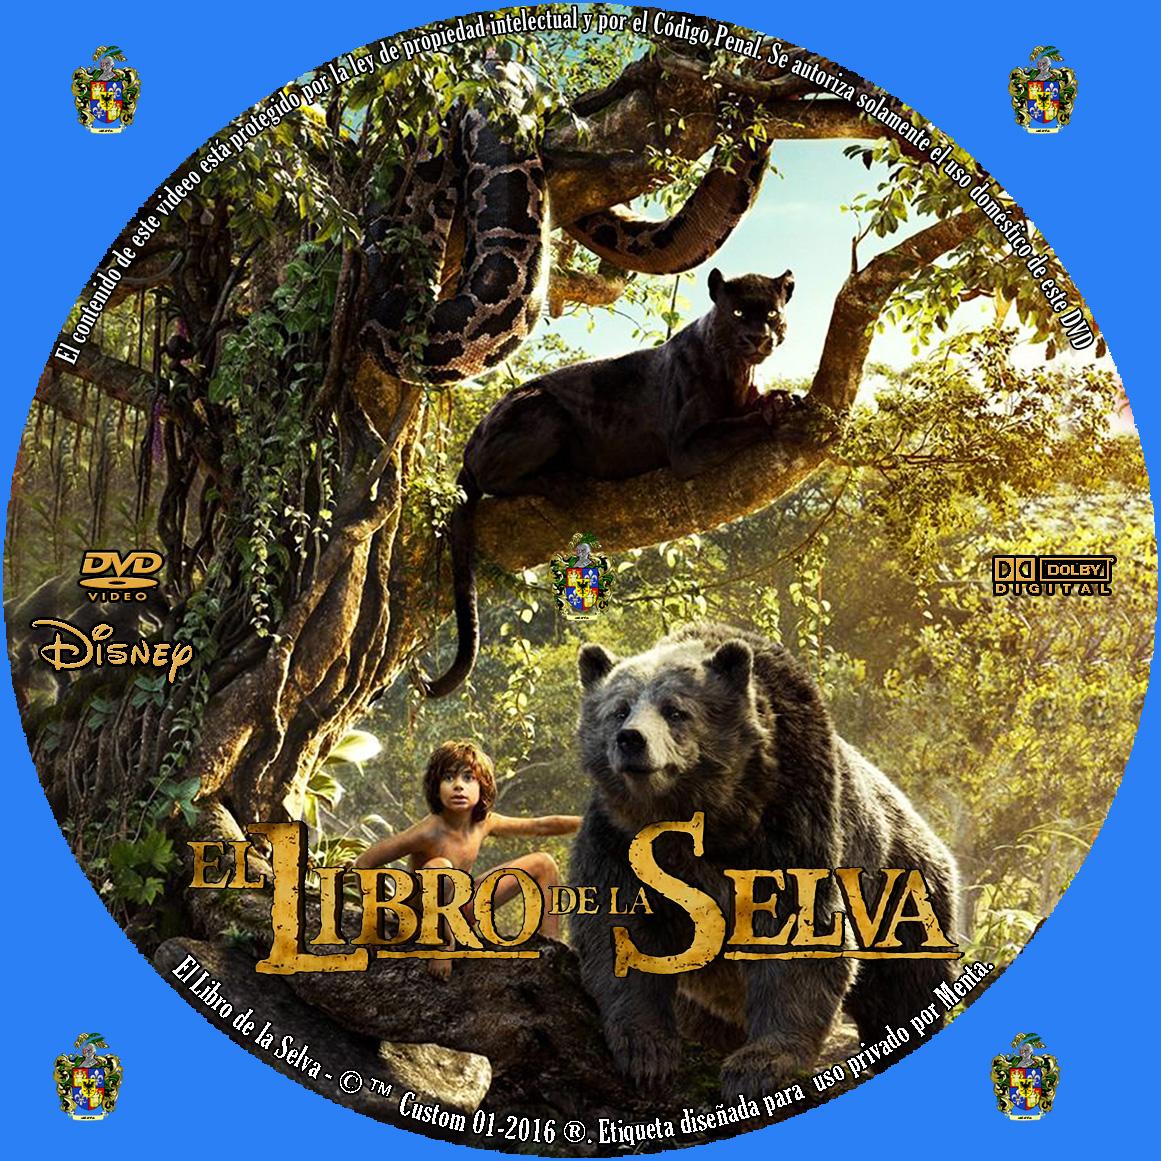 Caratulas y etiquetas: El libro de la Selva (The Jungle